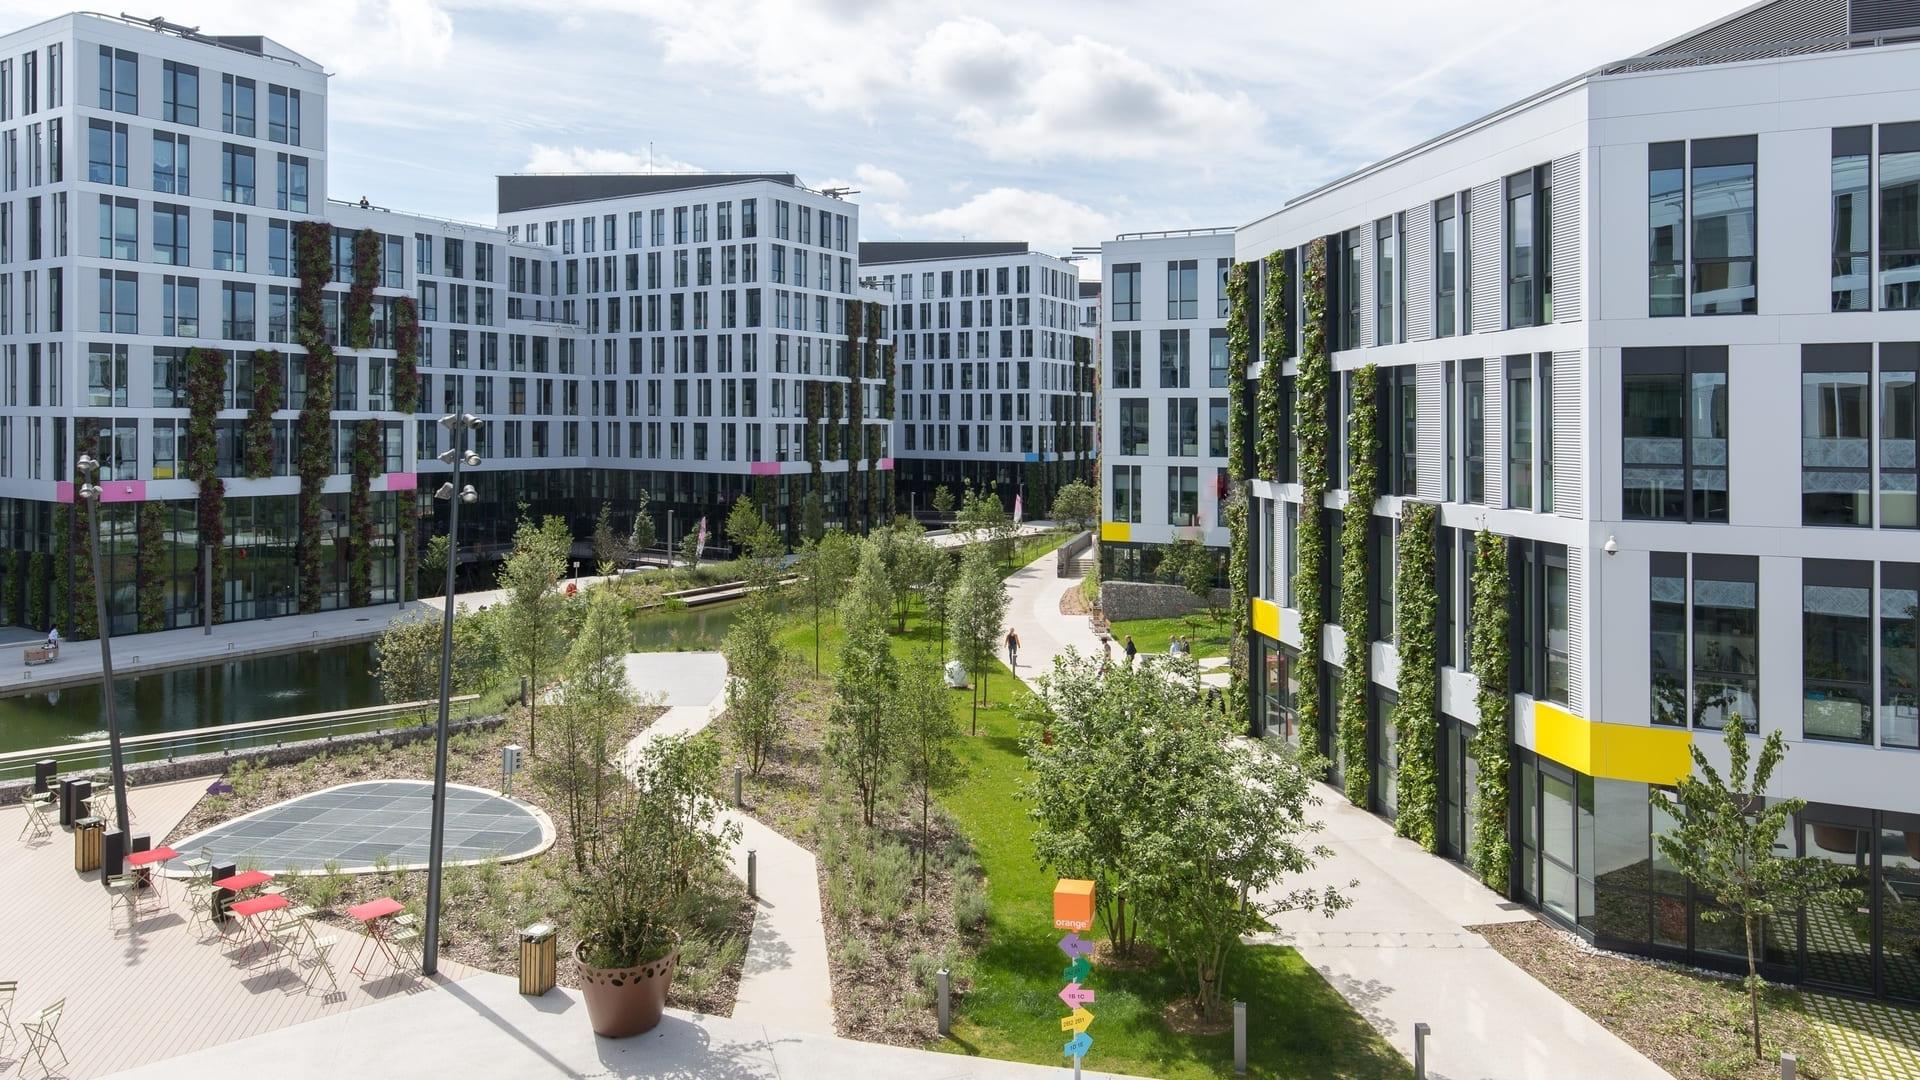 Eco campus orange gardens ch tillon 92 - Bureau de poste chatillon ...